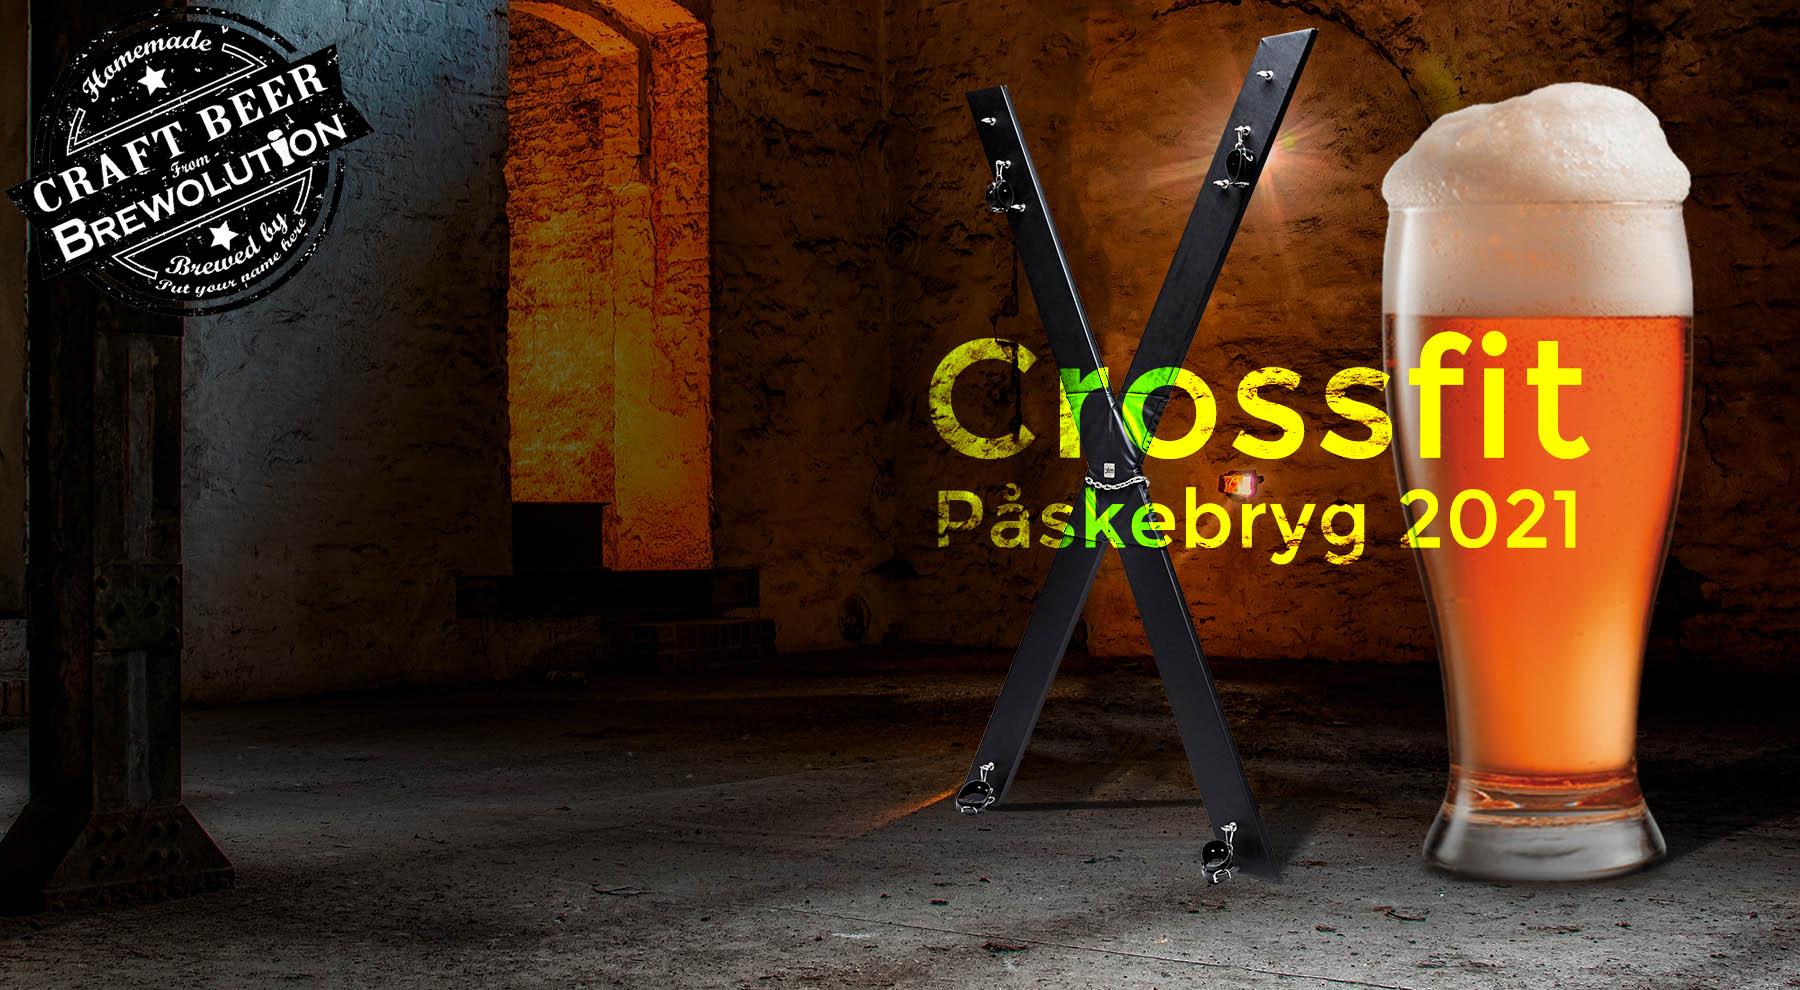 Crossfit - Påskebryg 2021